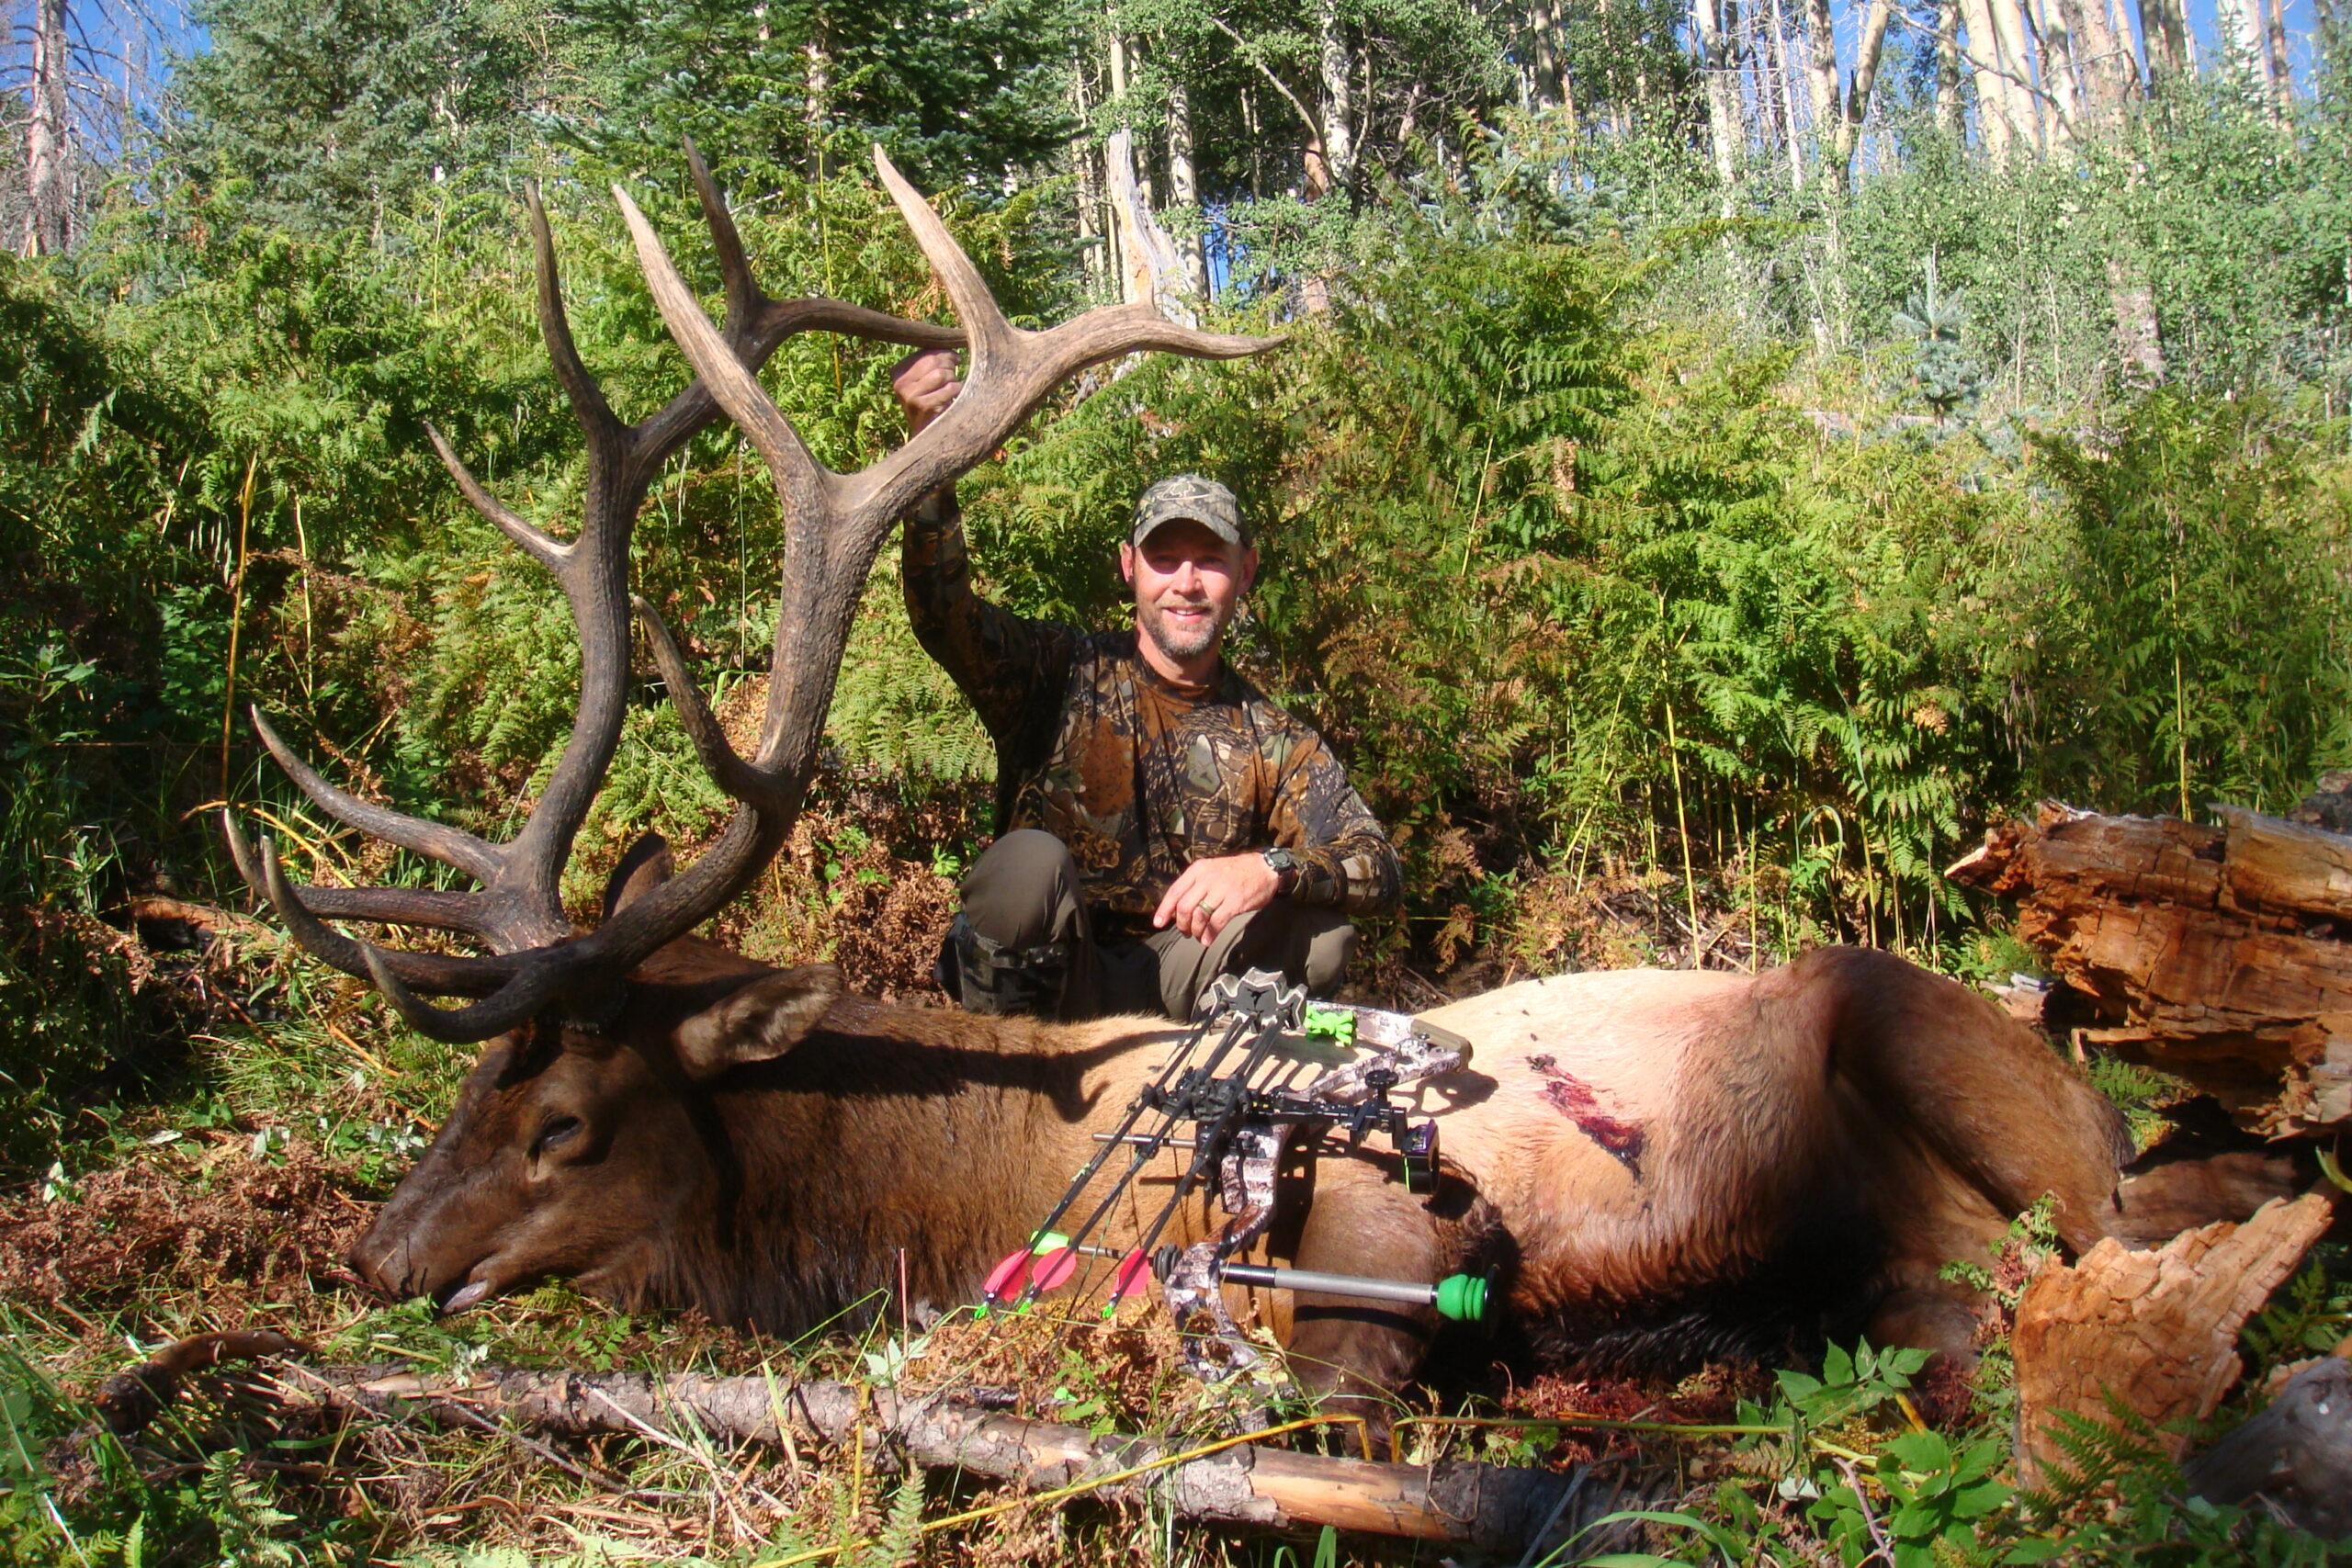 Jason Lancaster, KY. 340 SCI 6x6, Archery